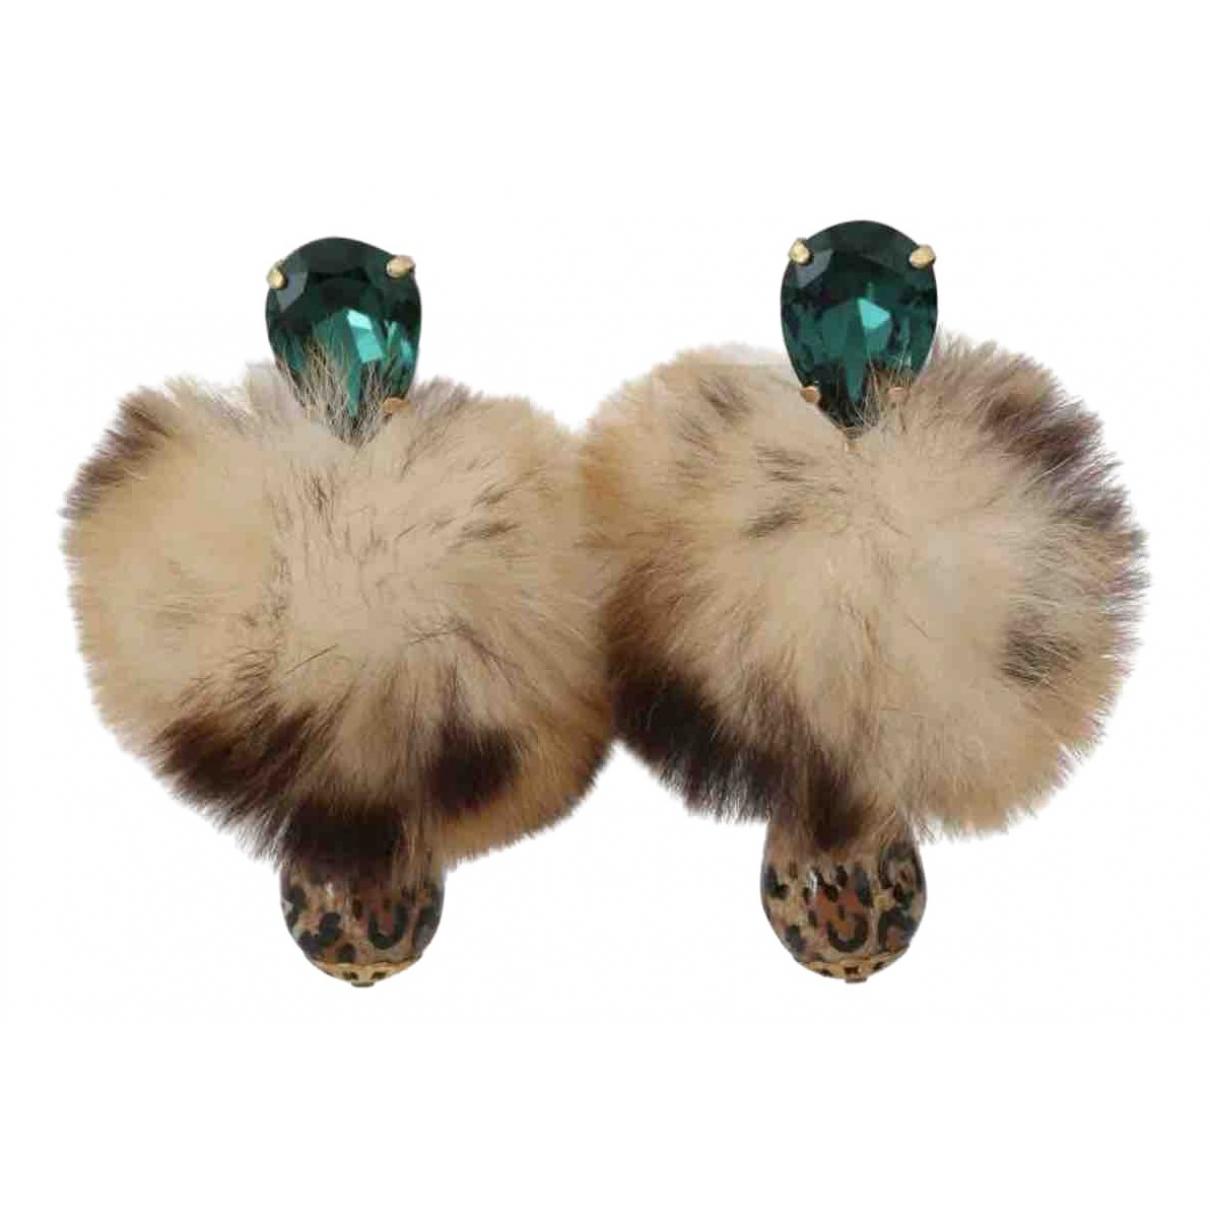 Dolce & Gabbana - Boucles doreilles   pour femme en fourrure - multicolore